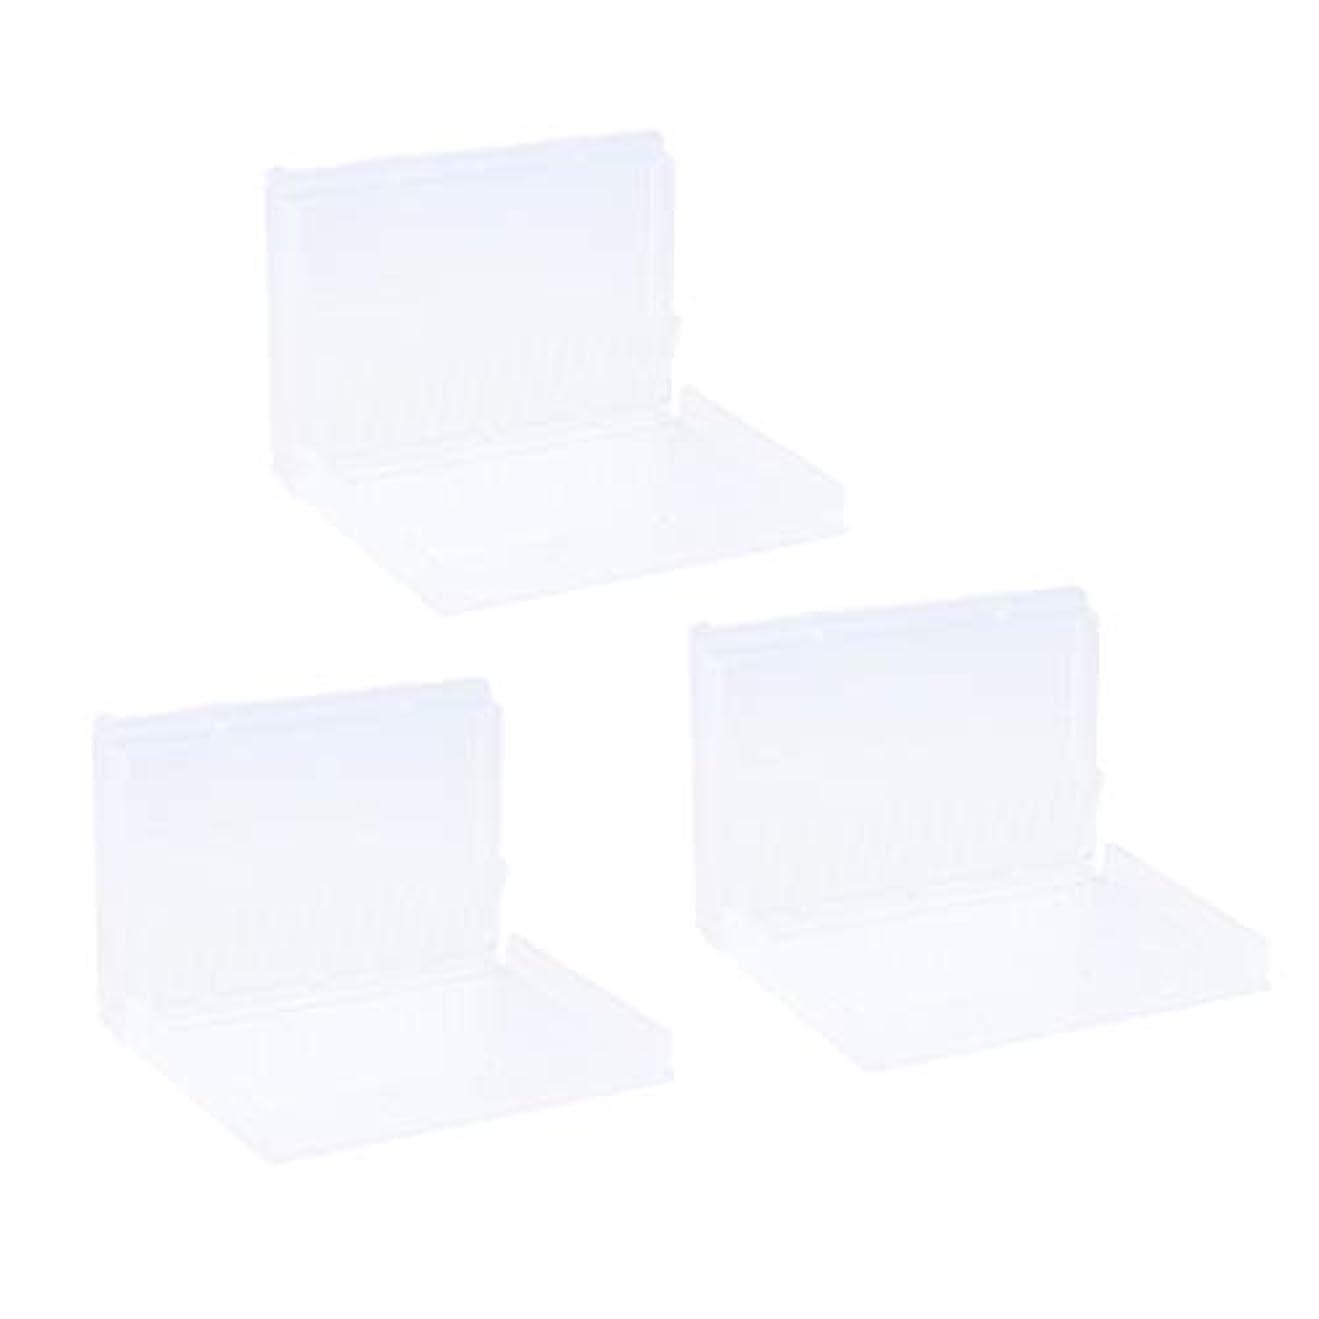 表面化粧挽くToygogo 3ピース/個ネイルドリルビットホルダー防塵スタンドディスプレイオーガナイザー収納容器20穴マニキュアツールケースボックス(ドリルビットは含まれません)